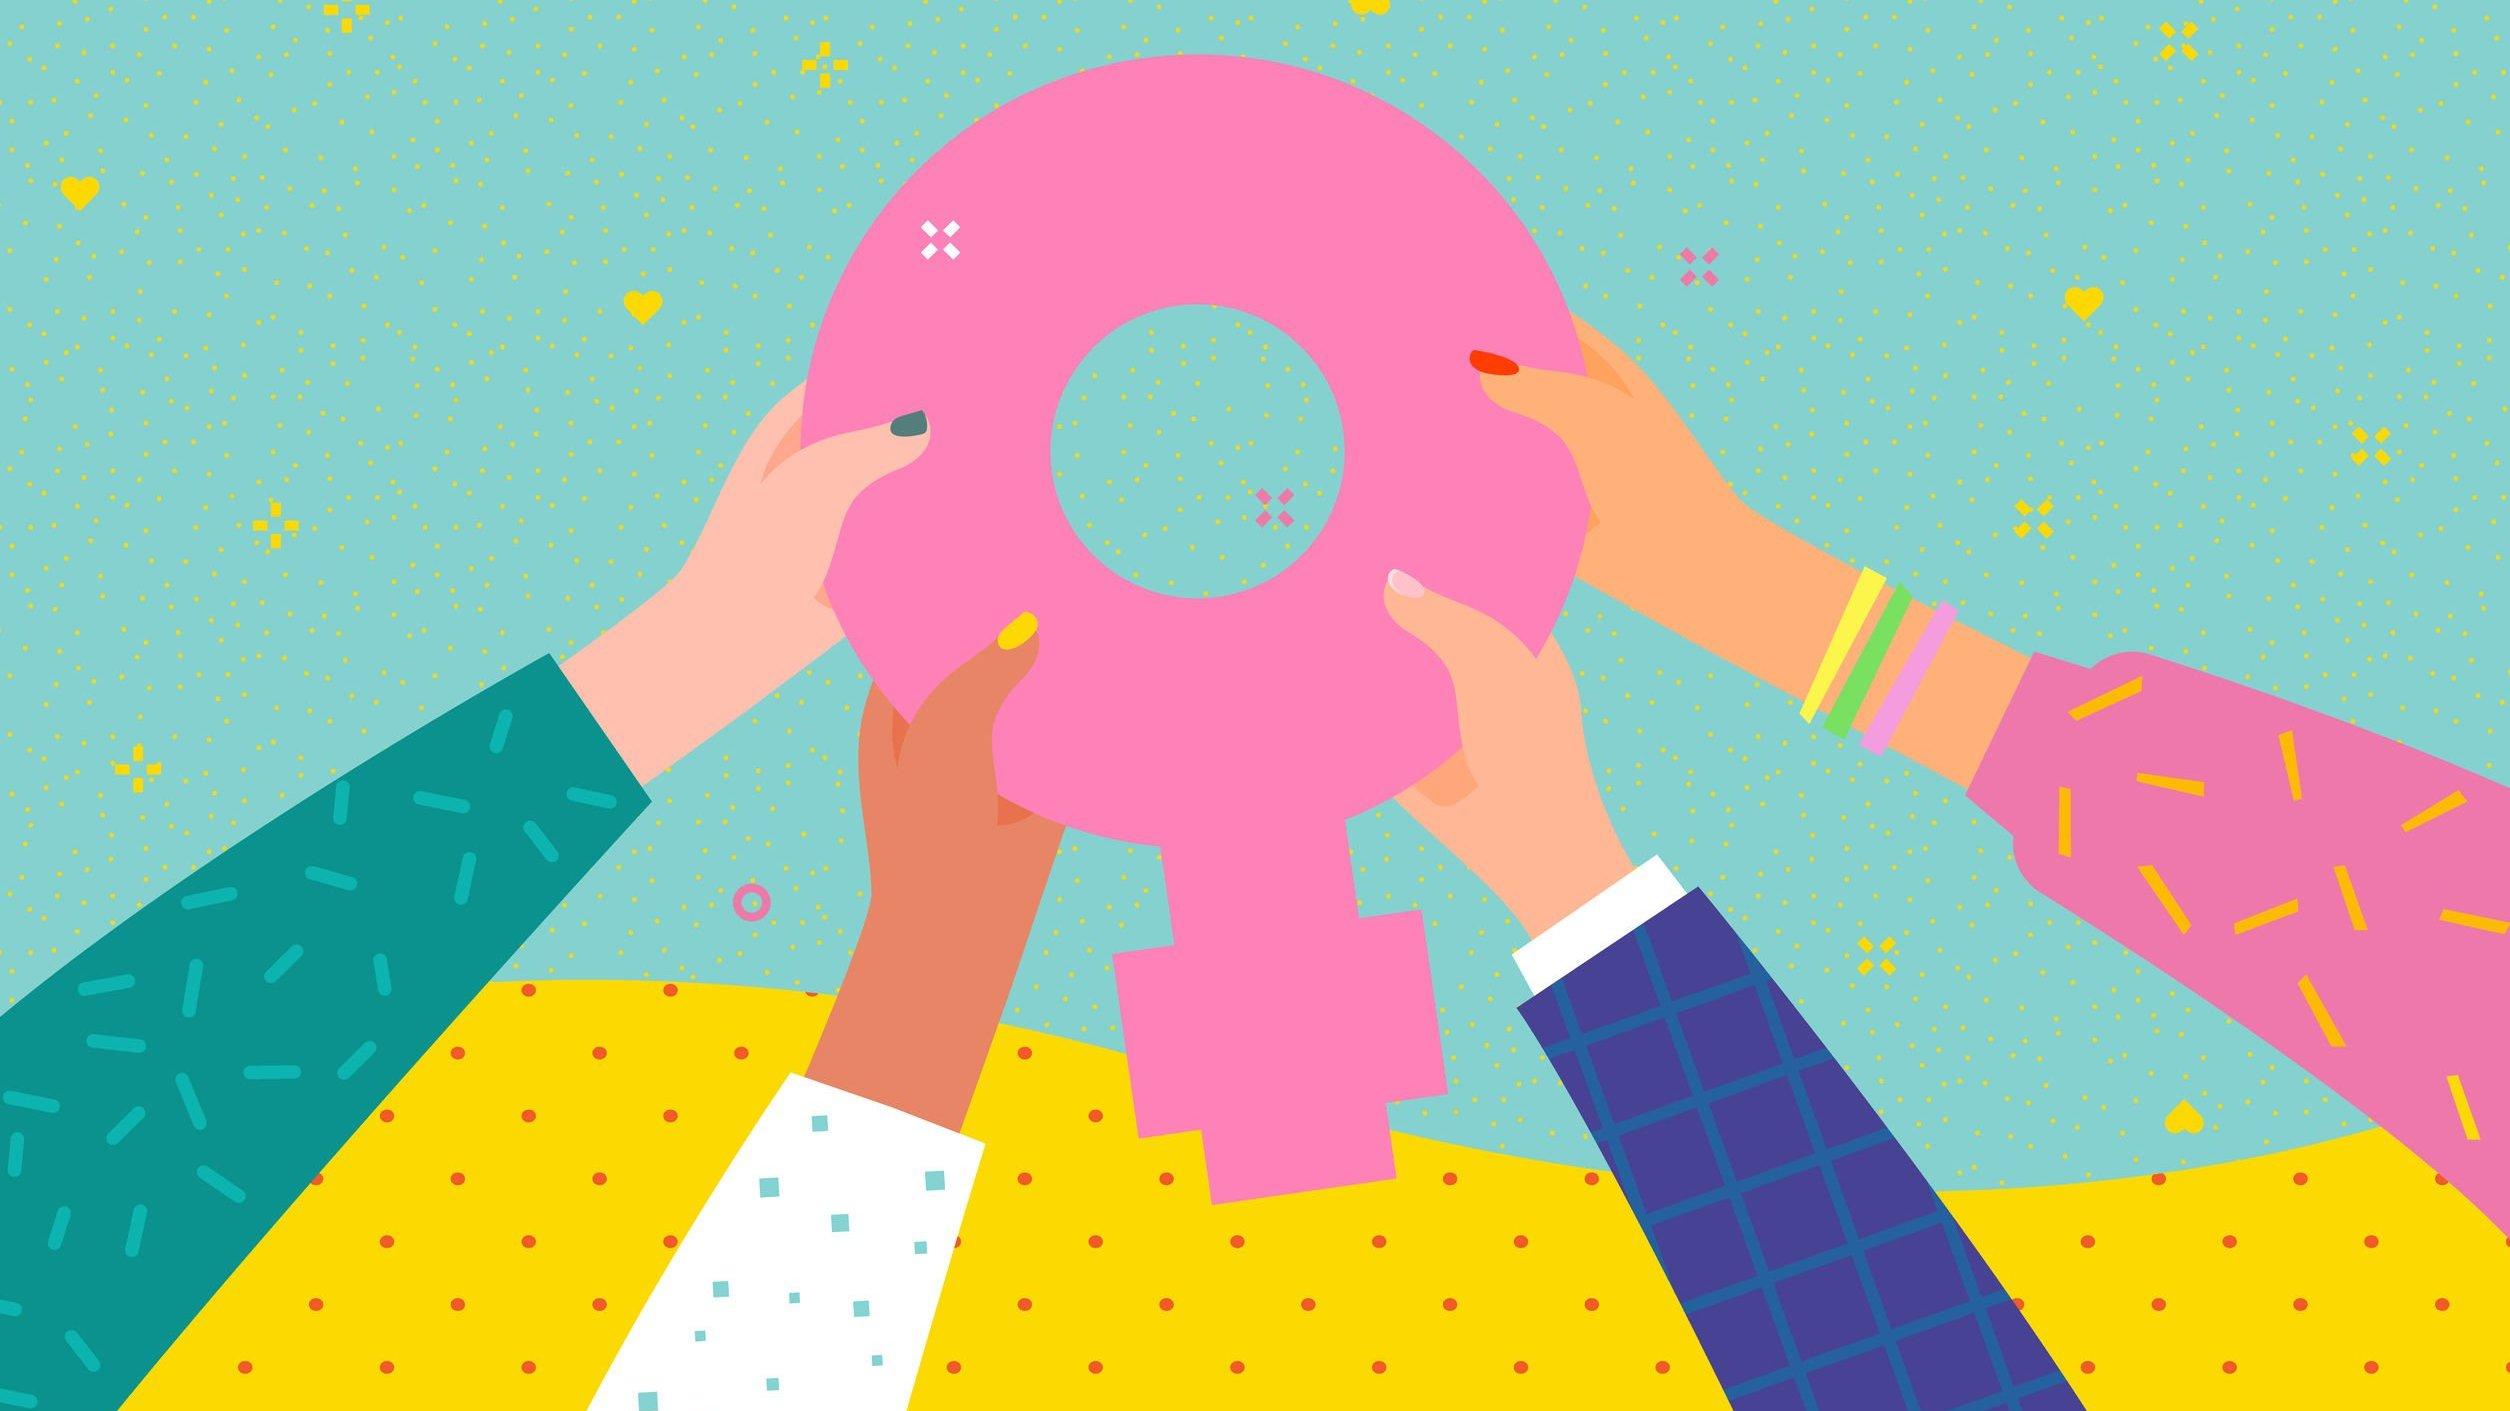 Ilustração de mulheres segurando o símbolo do sexo feminino